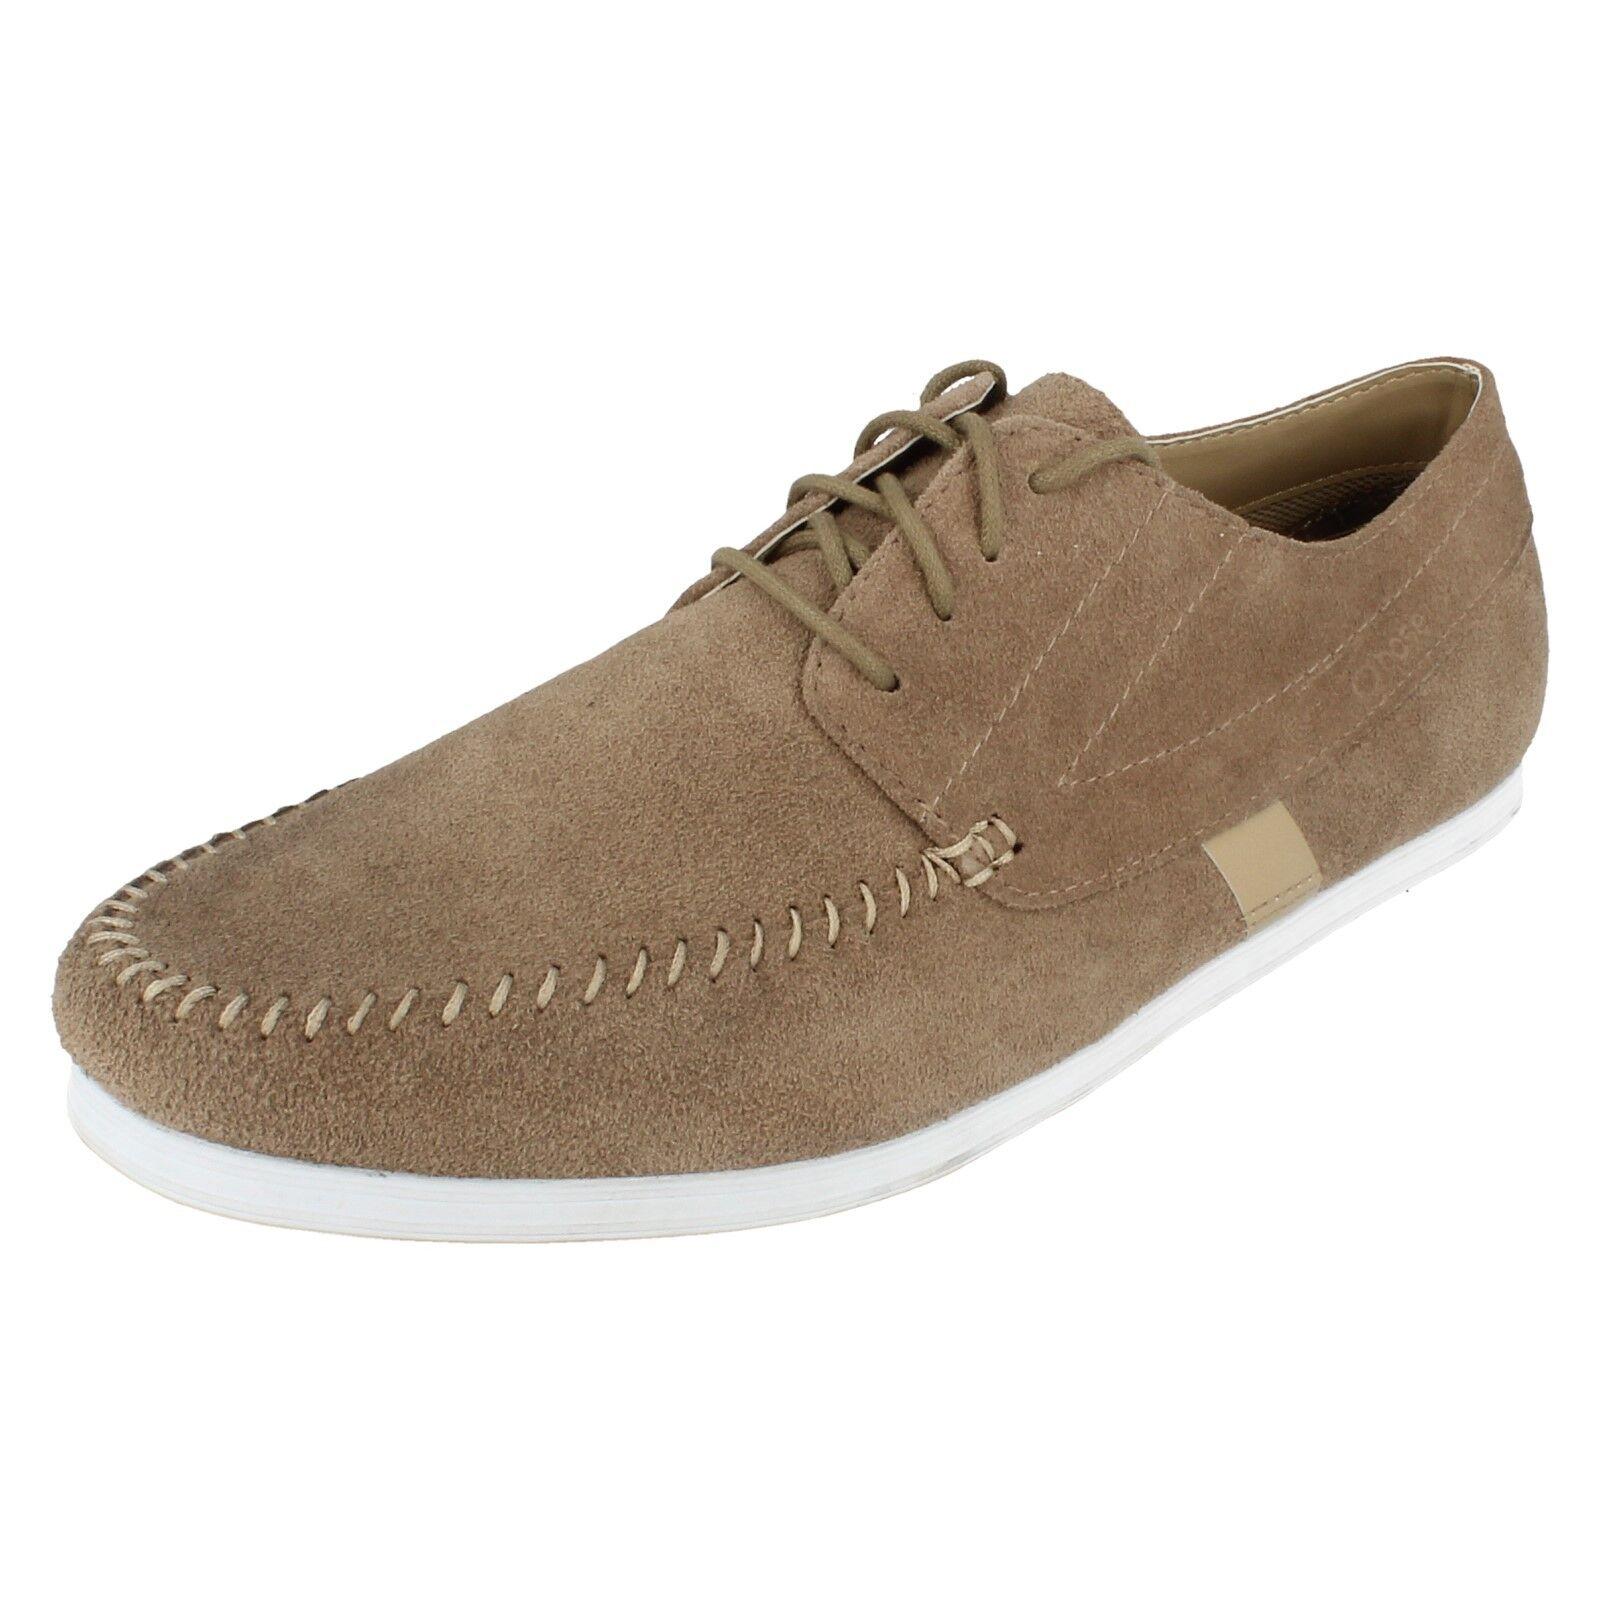 SALE Mens Base London beige suede lace up shoes STYLUS